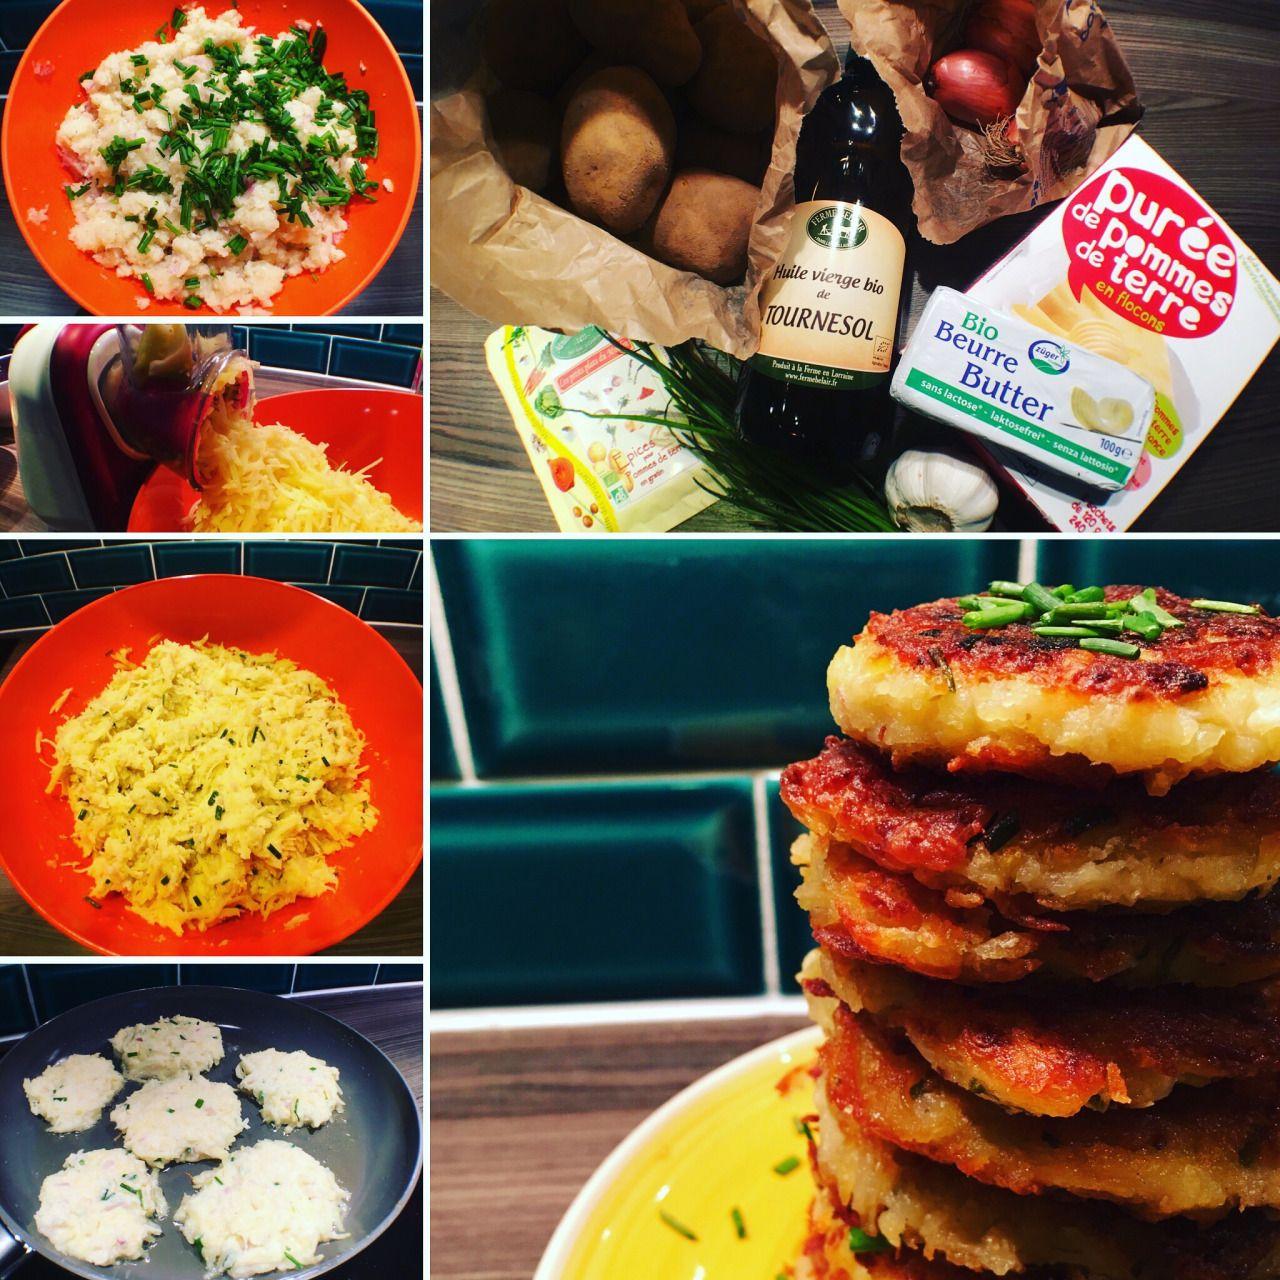 Les galettes de pommes de terre vegan par Veggiesbourg : Ingrédients : - pommes de terres - échalotes - ail - poudre de purée de pommes de terre pour remplacer les œufs - huile de tournesol -...